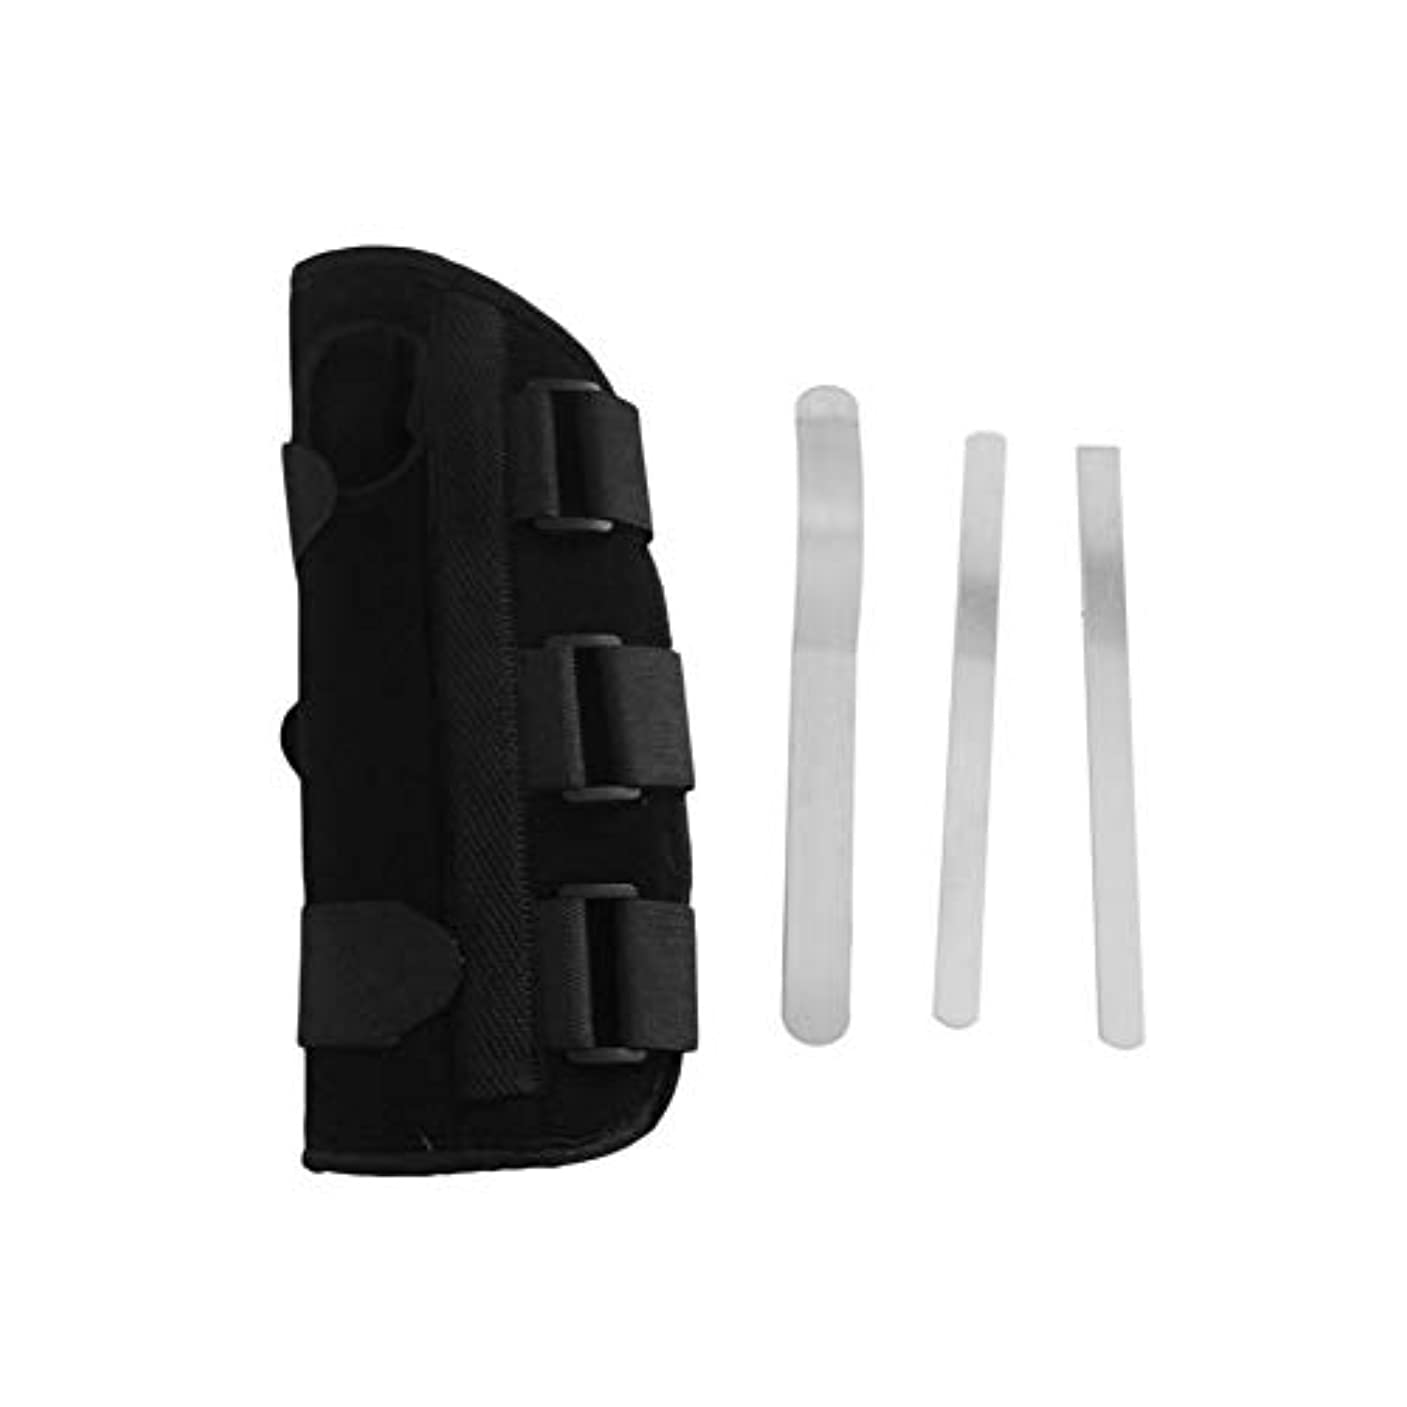 覚えている縫う九手首副木ブレース保護サポートストラップカルペルトンネルCTS RSI痛み軽減取り外し可能な副木快適な軽量ストラップ - ブラックS